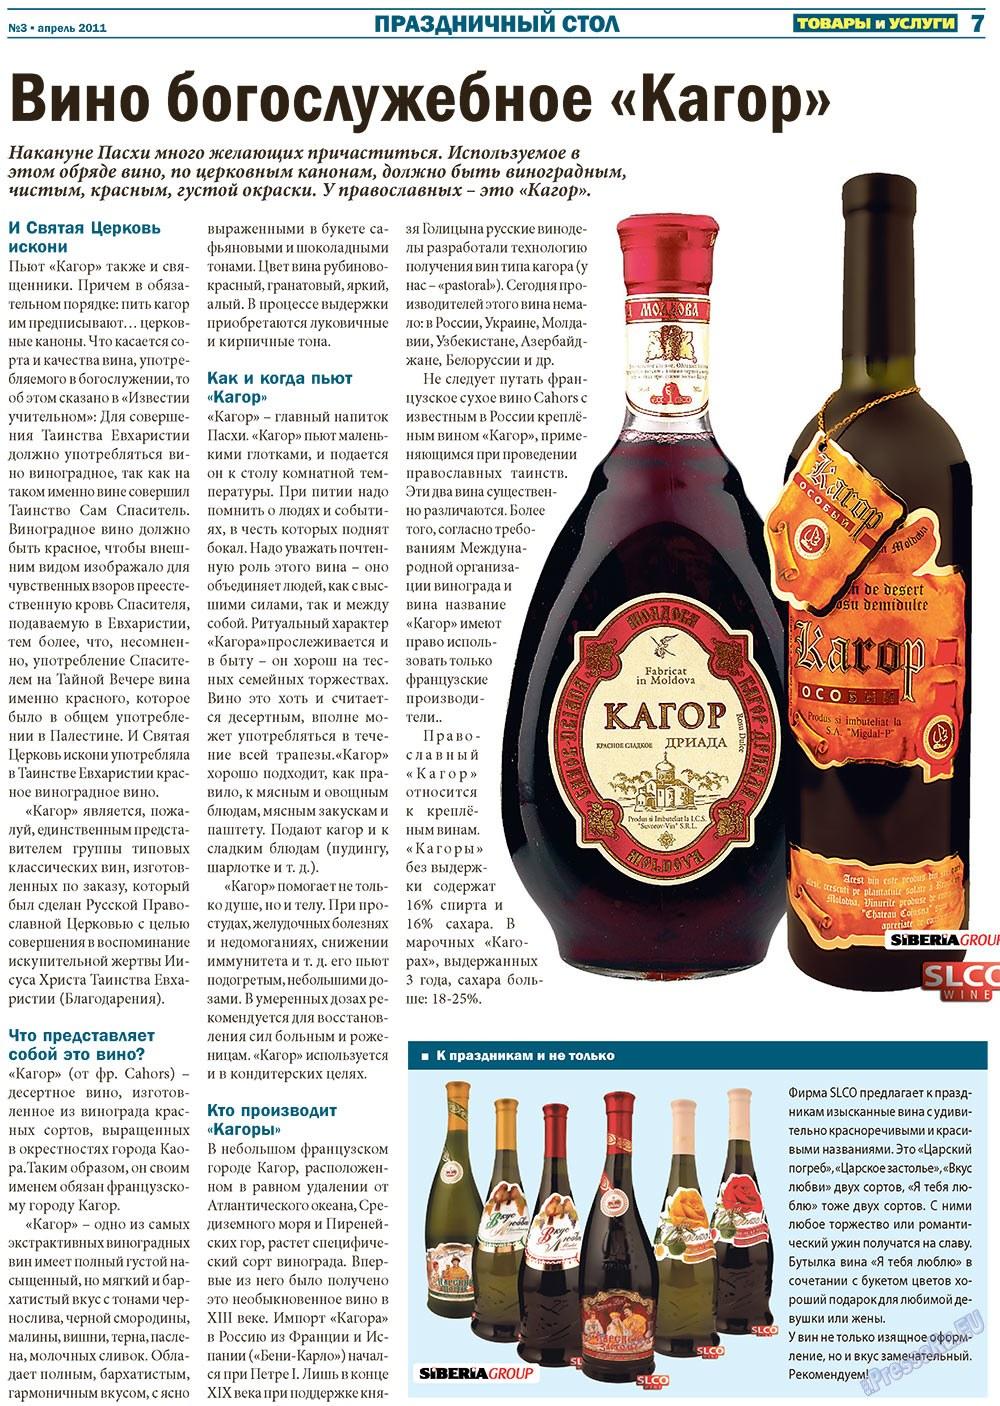 Товары и услуги (газета). 2011 год, номер 3, стр. 7